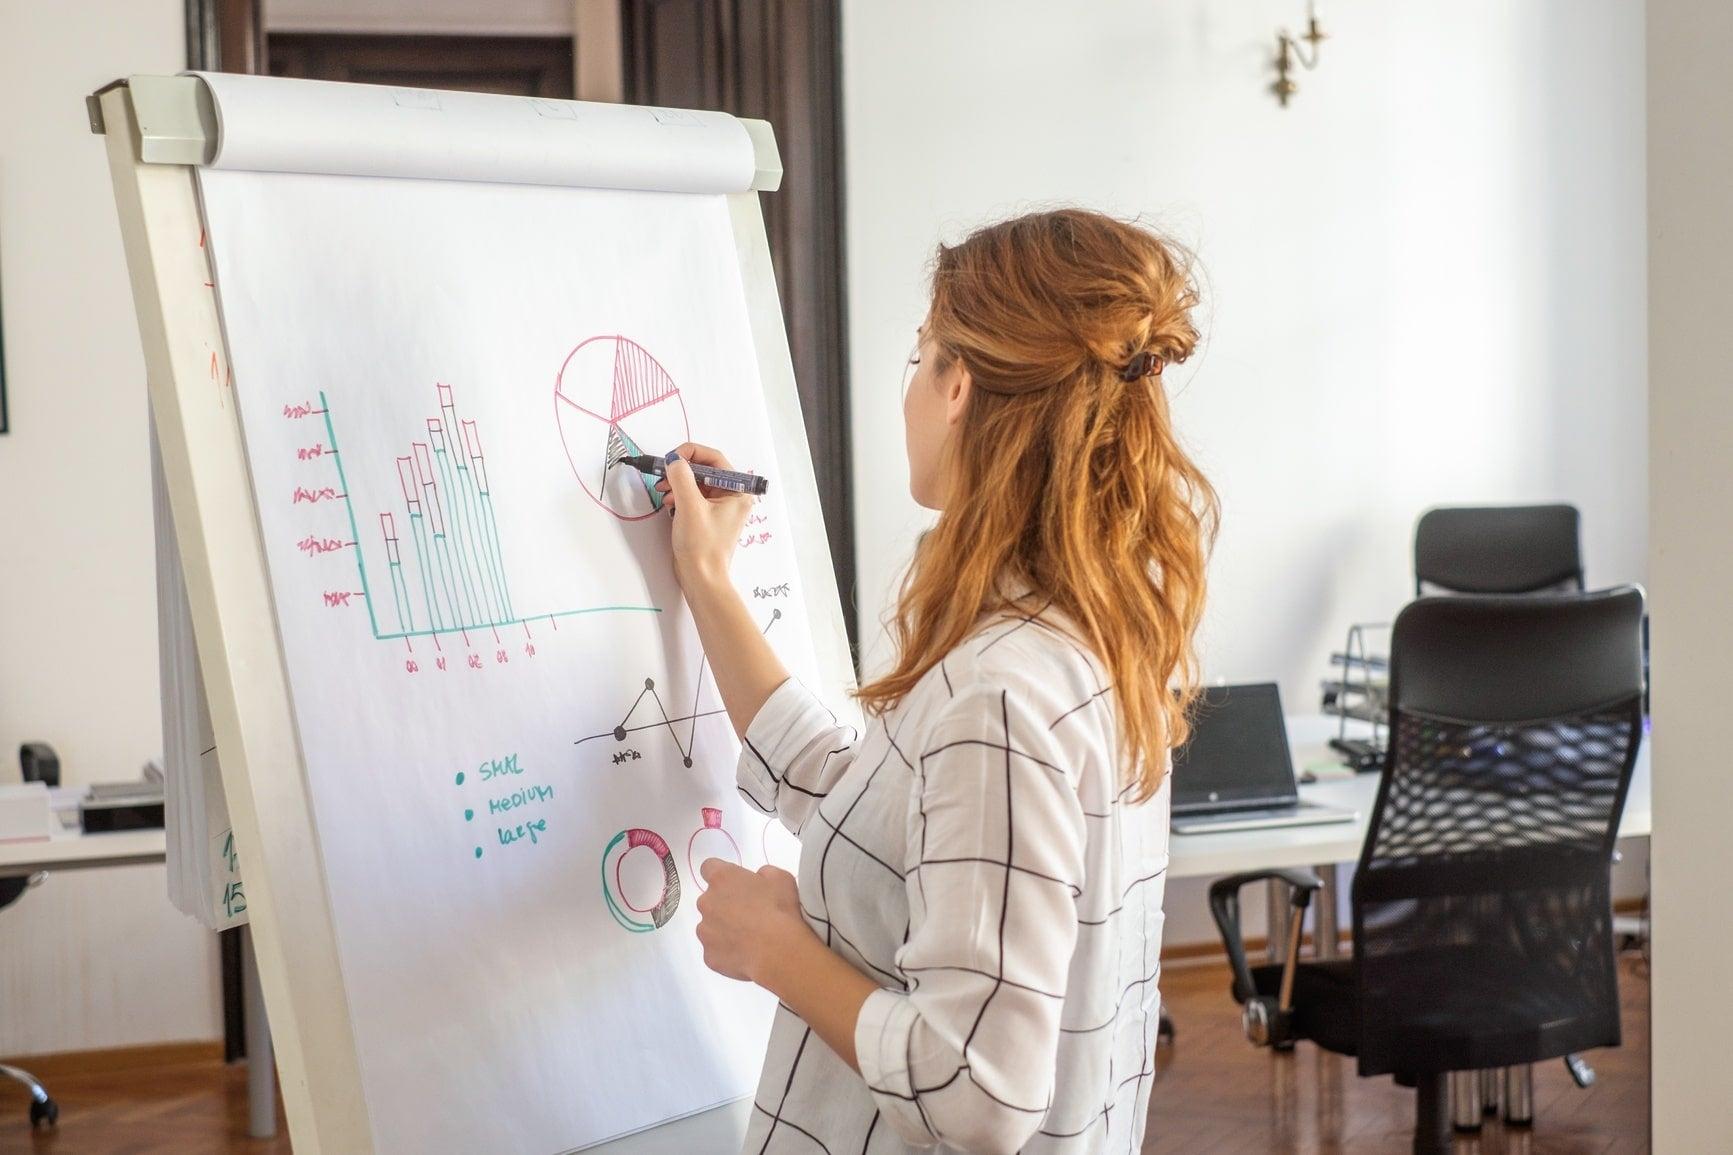 recruiting metrics and analysis